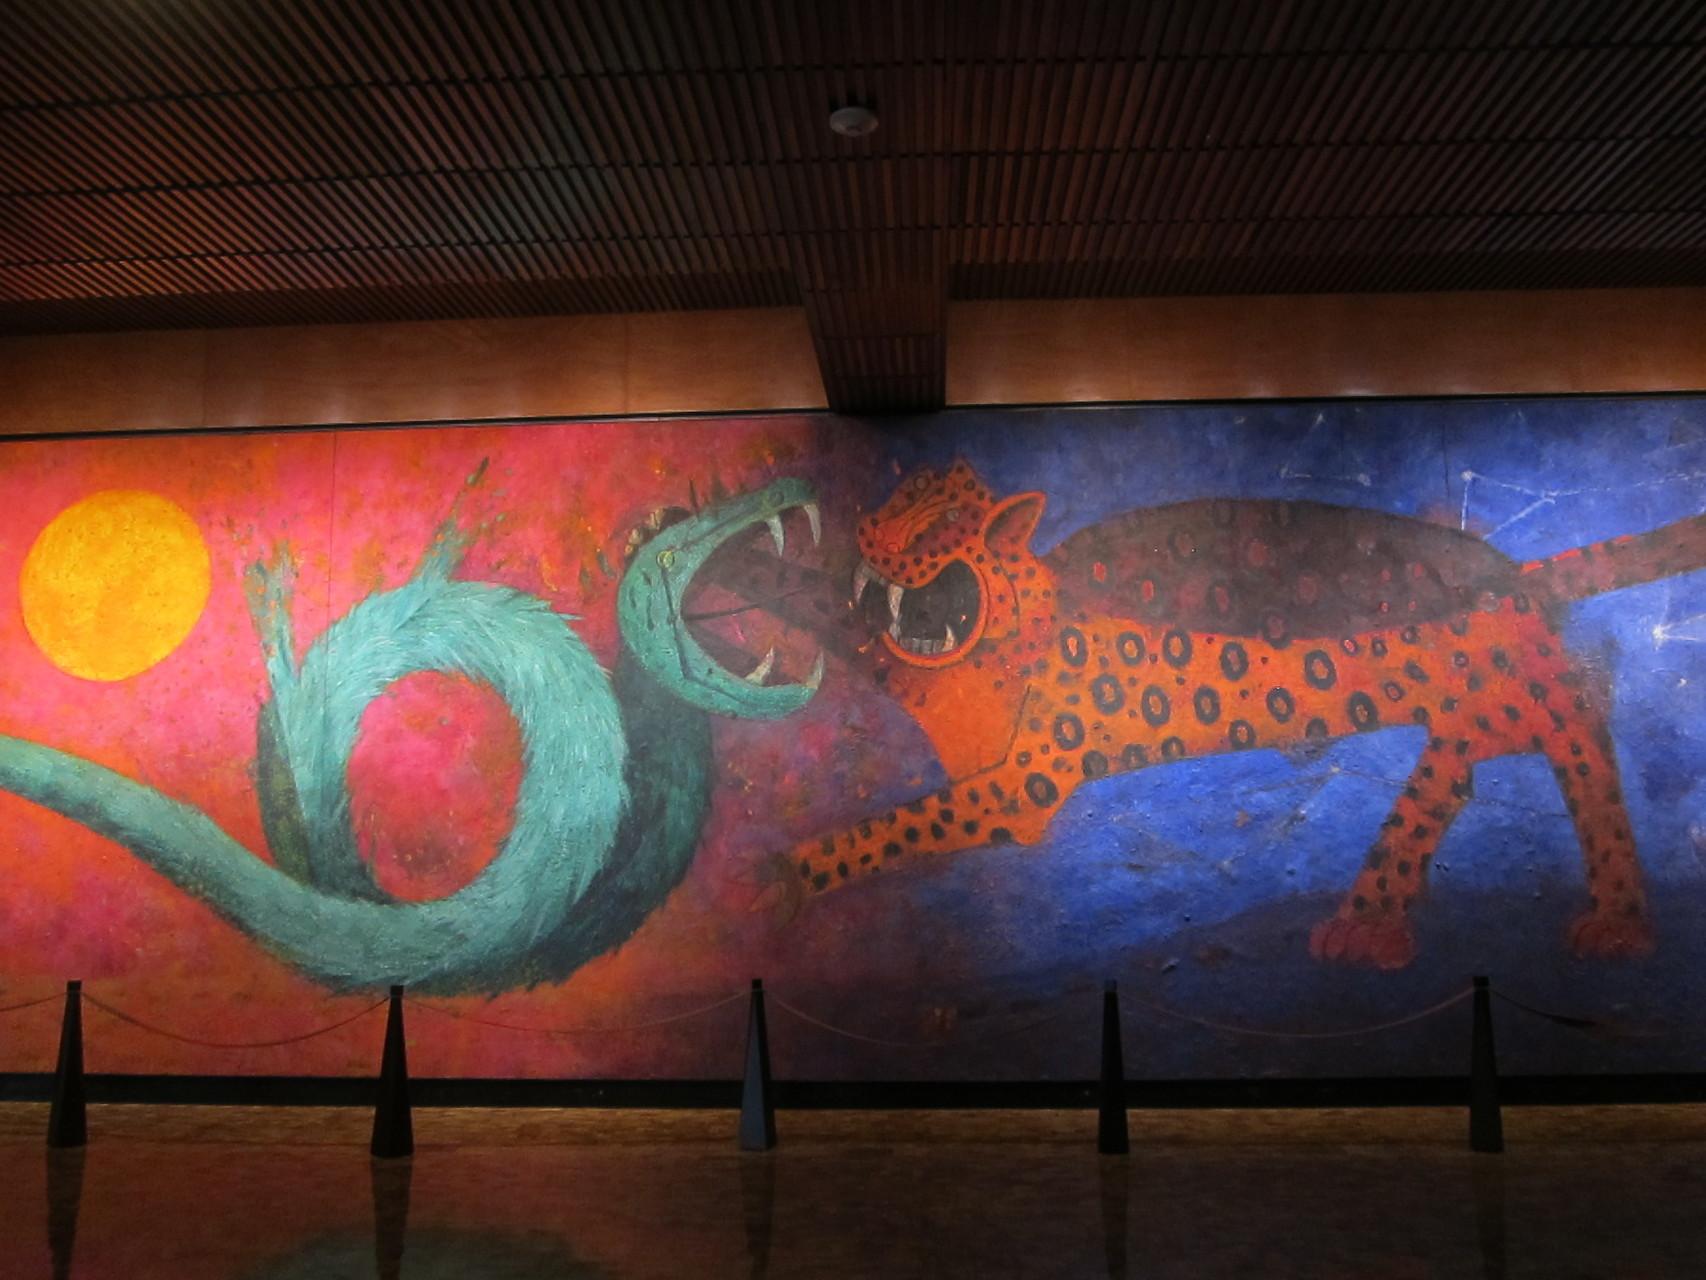 羽の蛇とジャガー